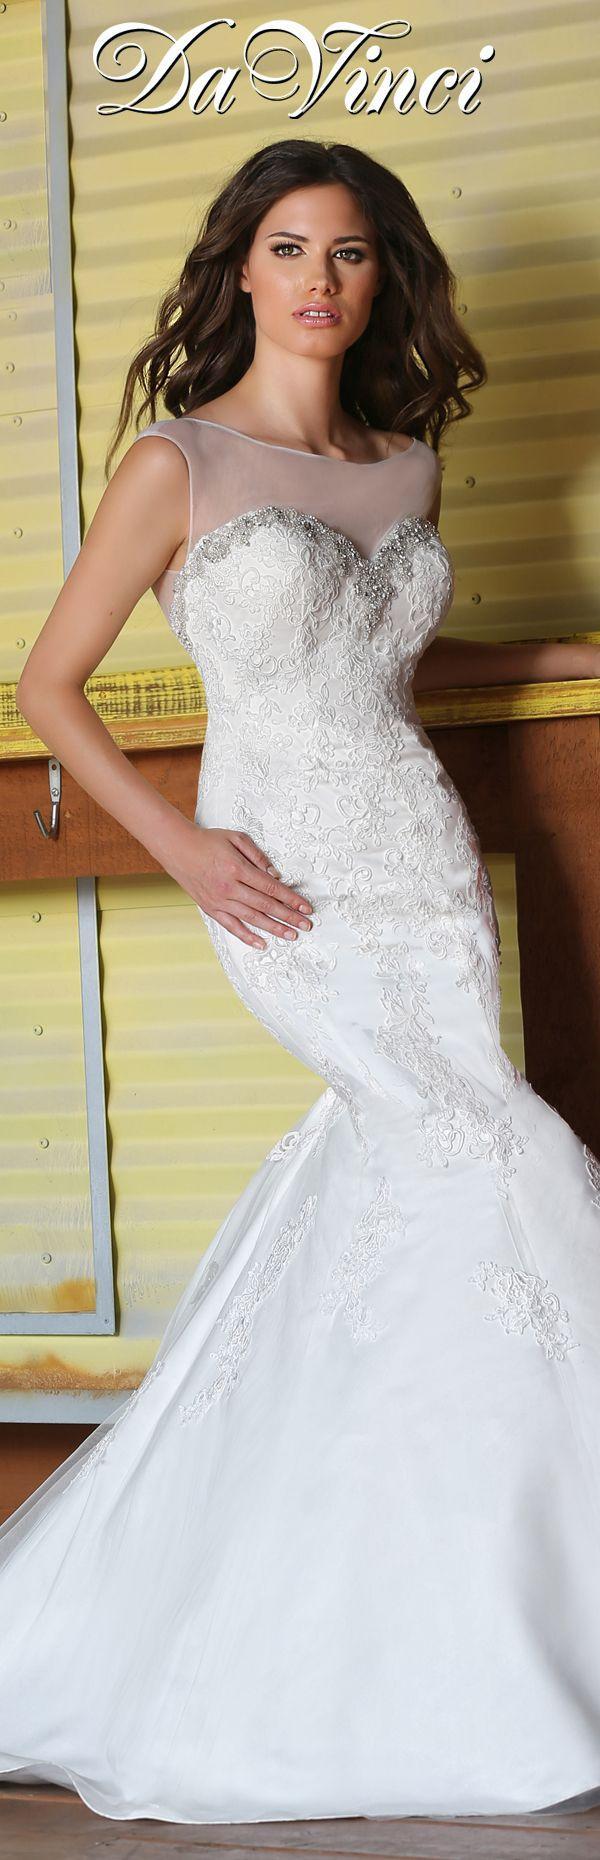 زفاف - DaVinci Bridal